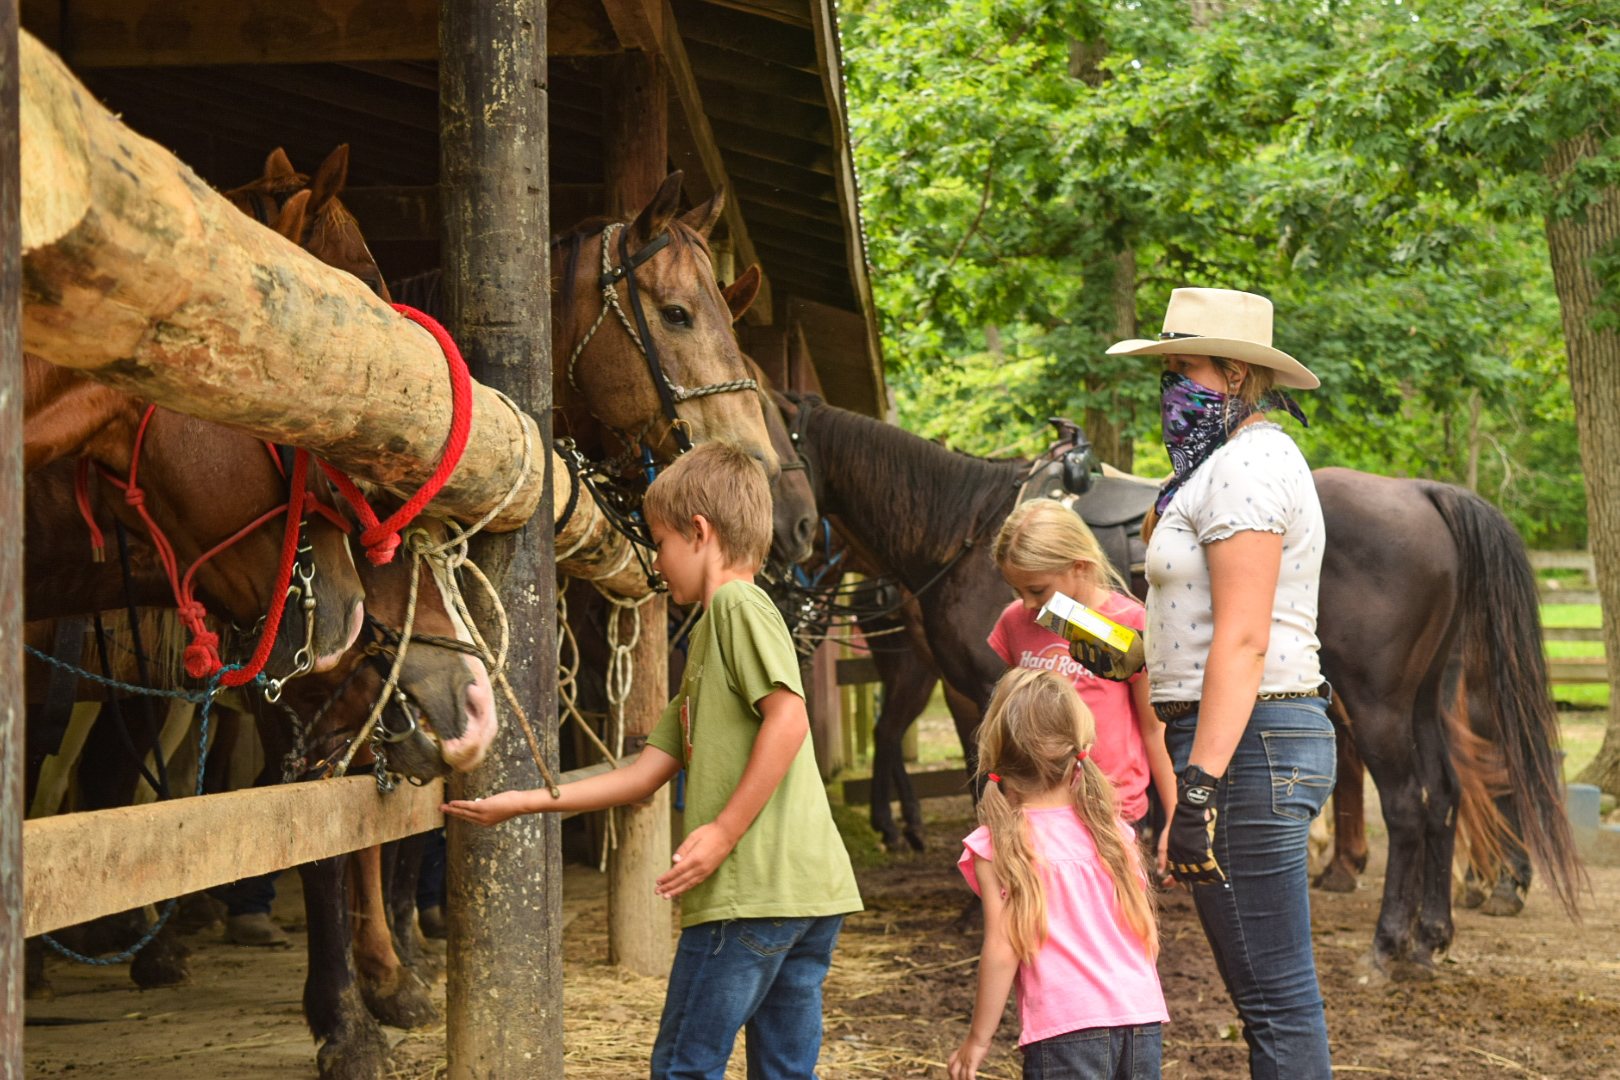 Trail ride horses, feeding treats